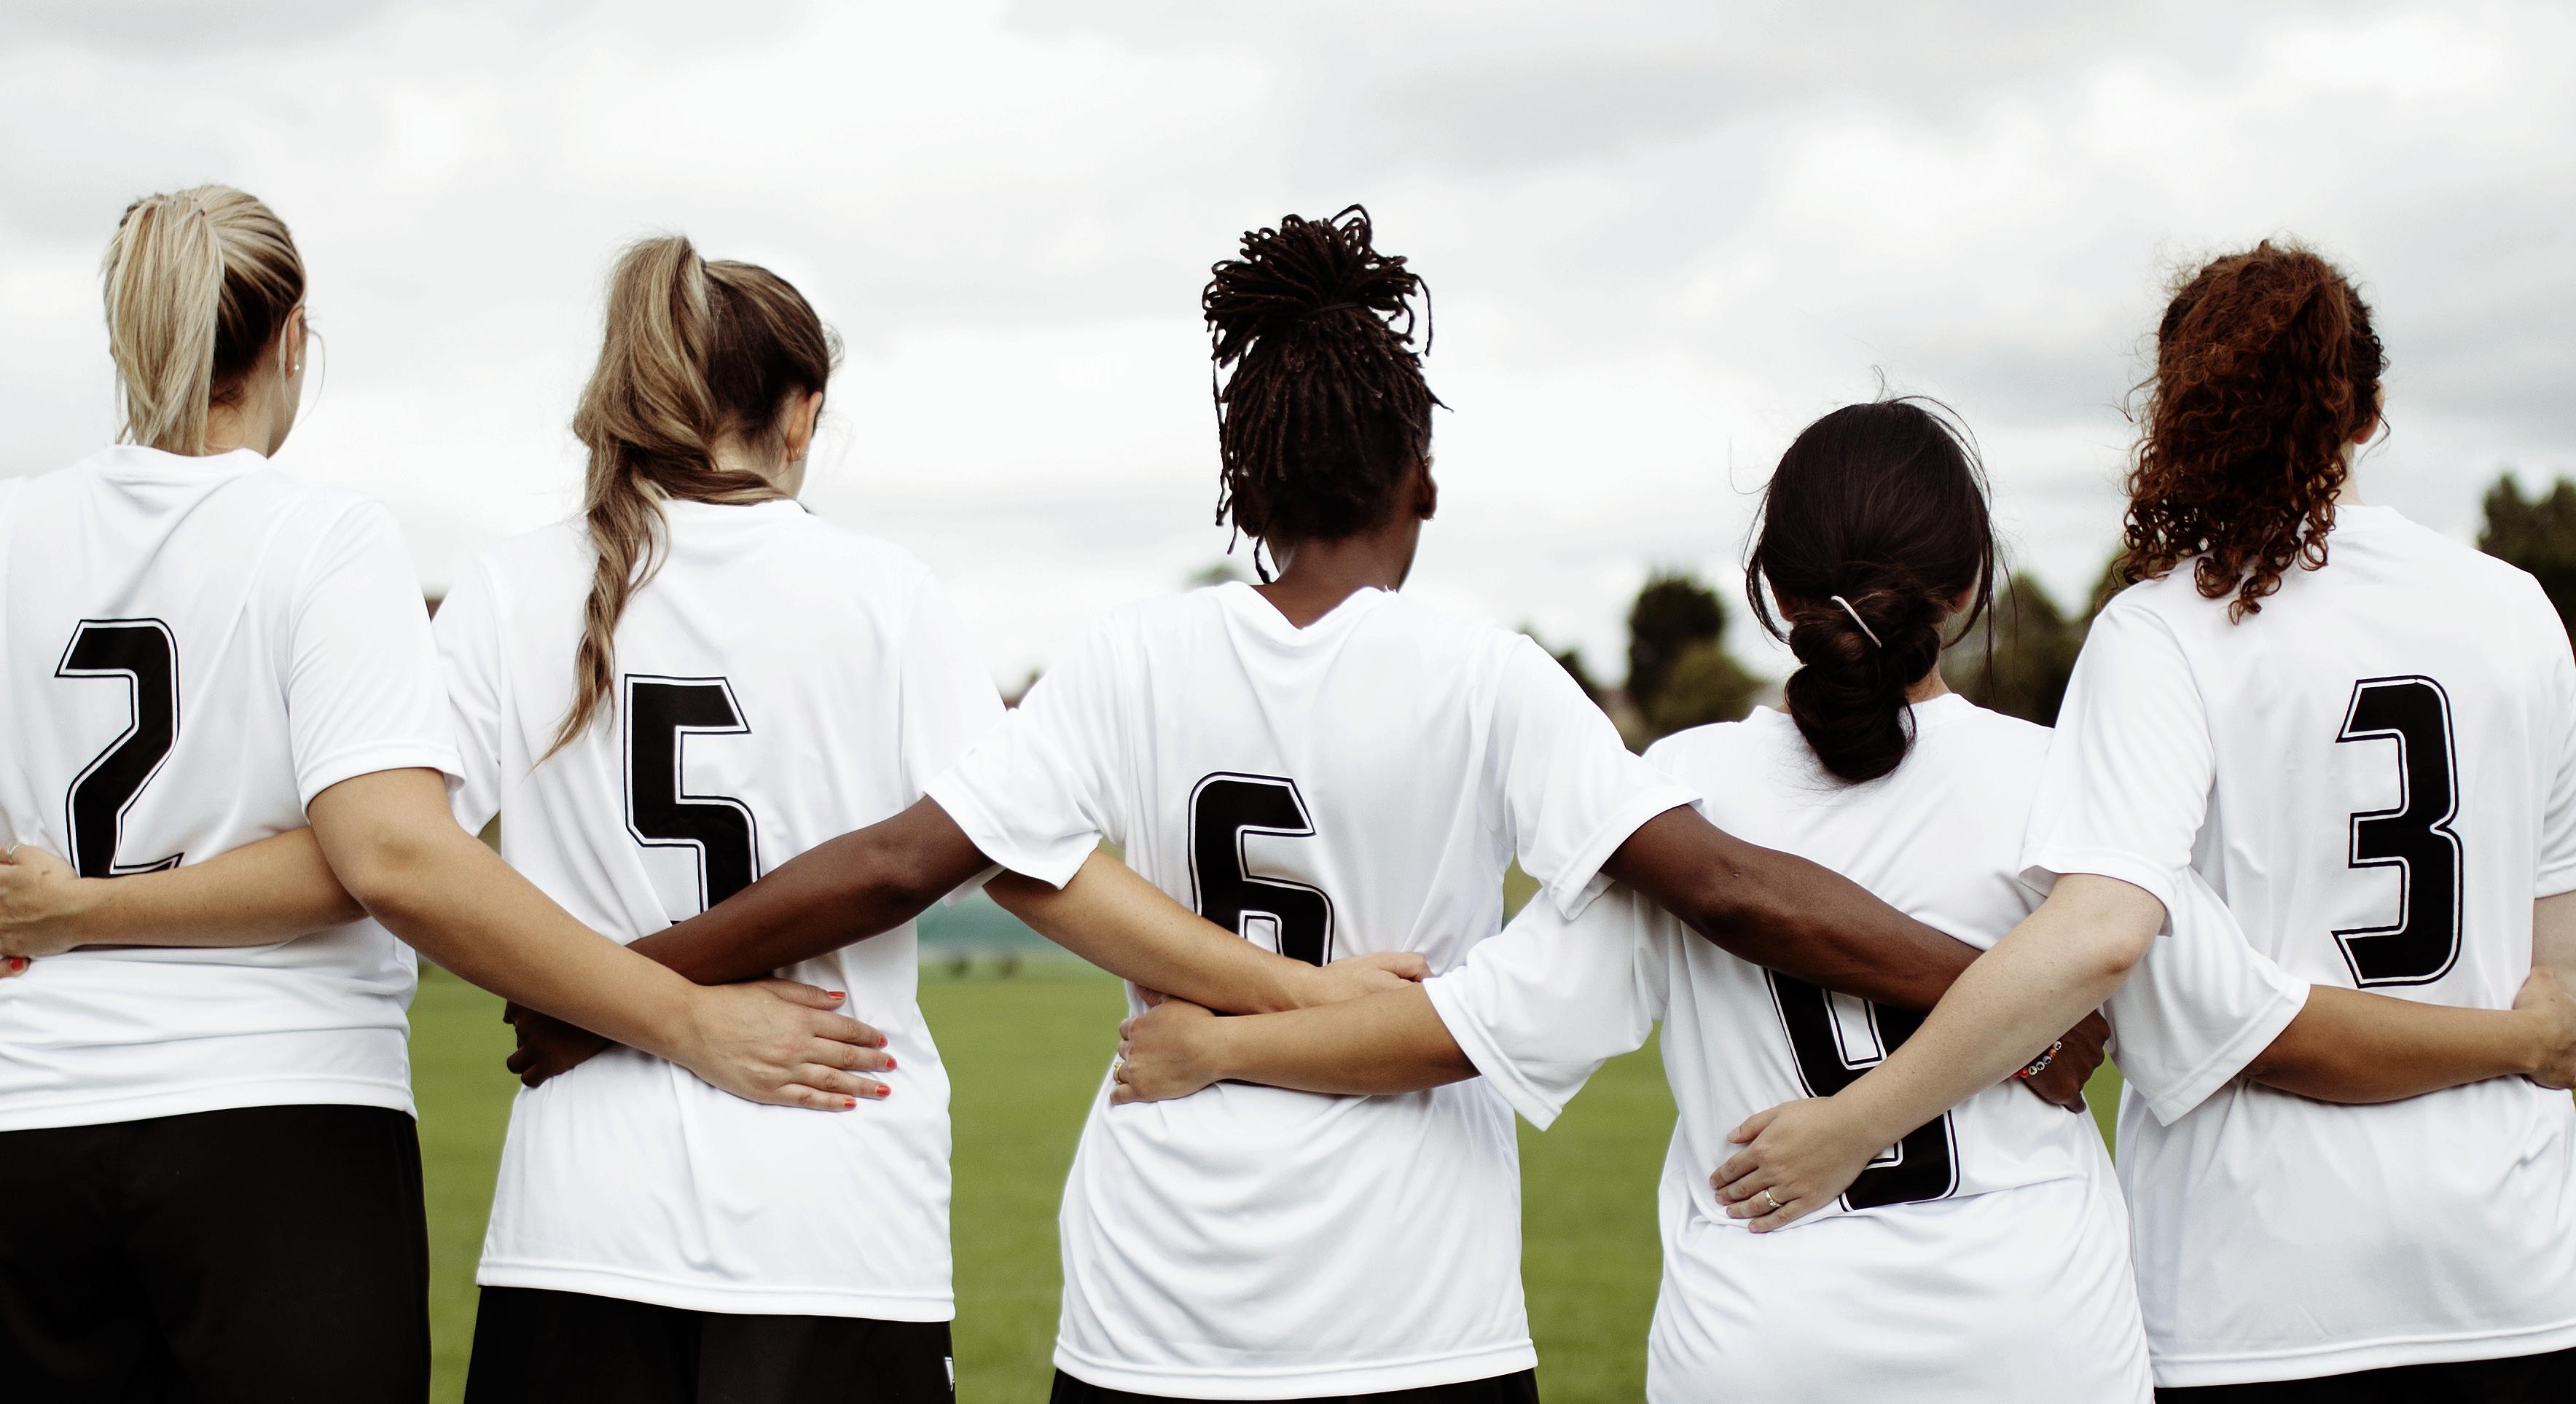 Escándalo en el fútbol femenino de EE.UU.: entrenador acusado de coerción sexual y comisionada de la liga renuncia